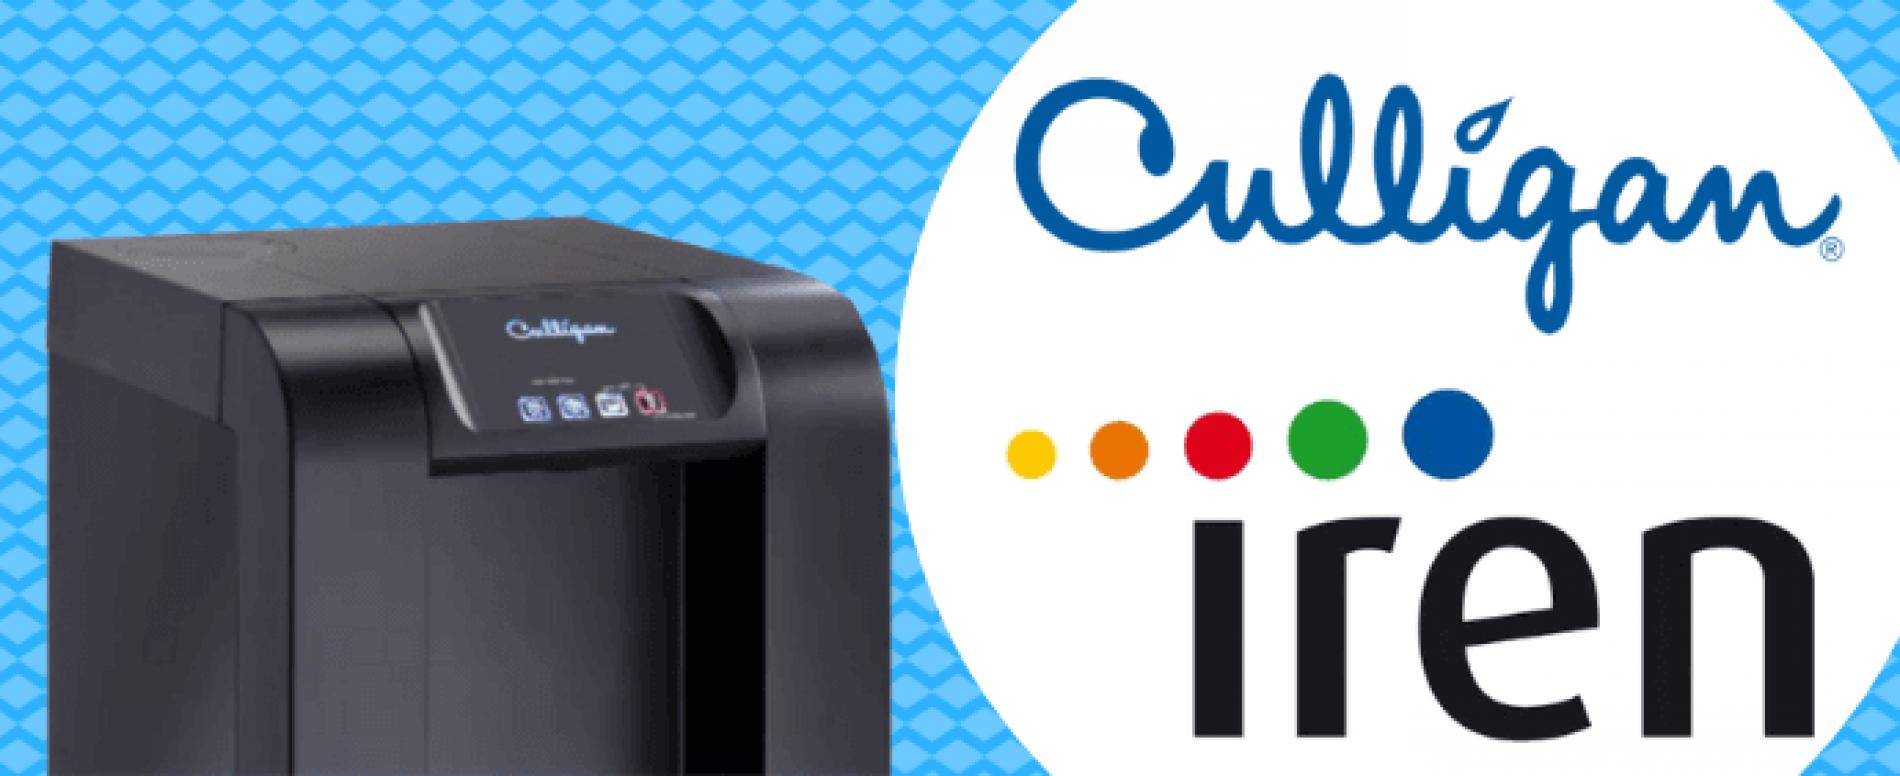 IREN e Culligan in partnership per ridurre la plastica delle bottiglie